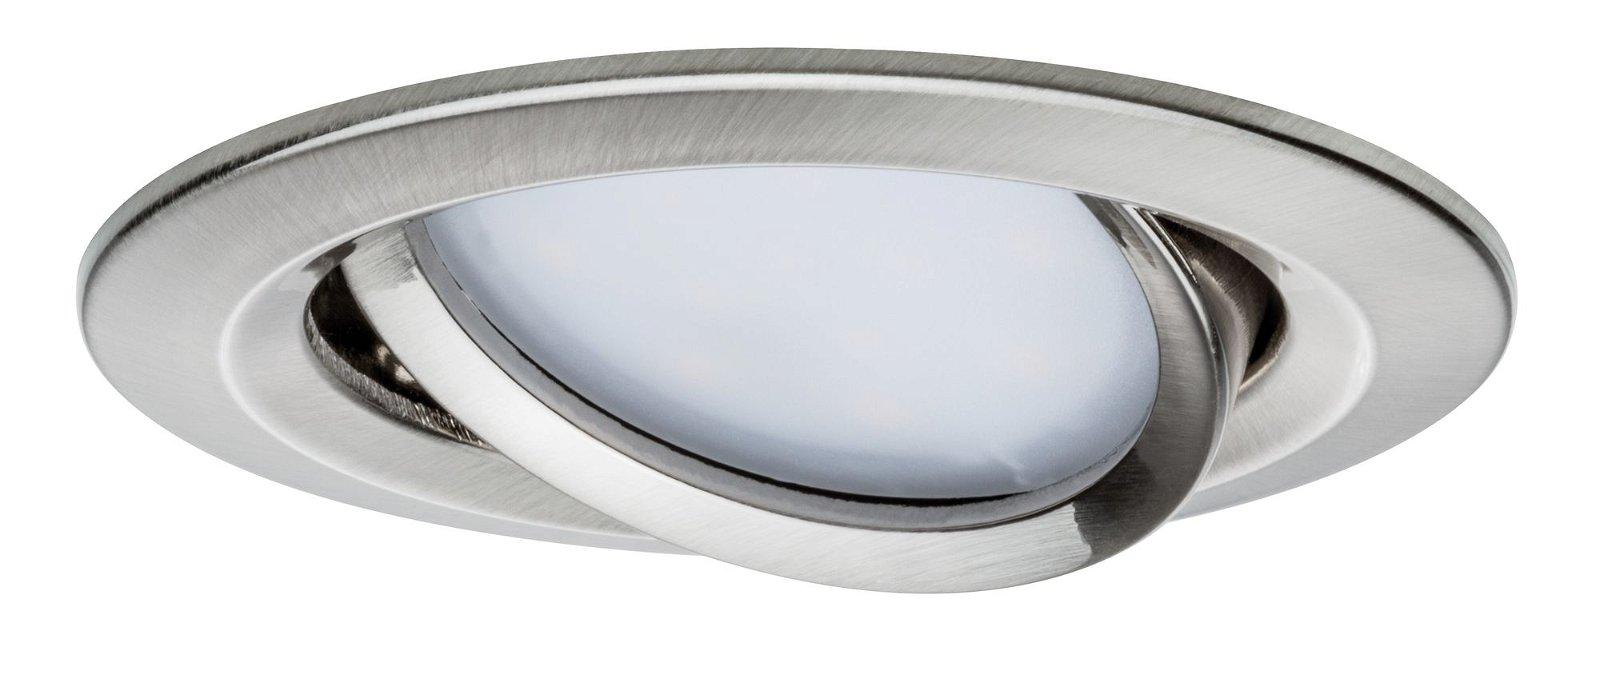 LED Einbauleuchte Nova Plus Coin Basisset schwenkbar rund 84mm 50° Coin 3x6,8W 3x425lm 230V 2700K Eisen gebürstet